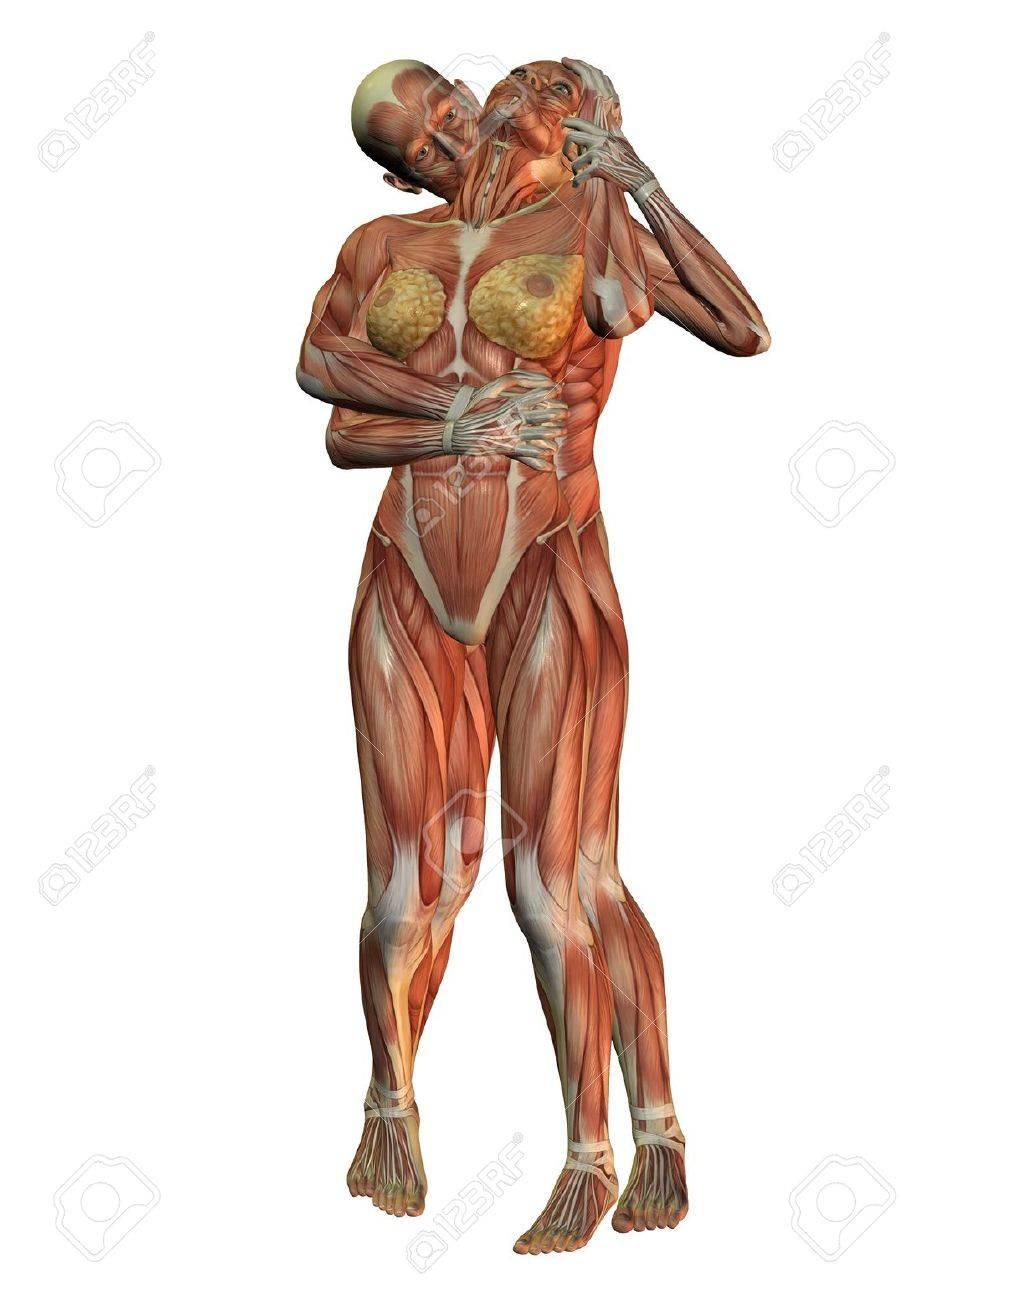 Representación 3D De La Anatomía Y La Estructura Muscular Del Ser ...